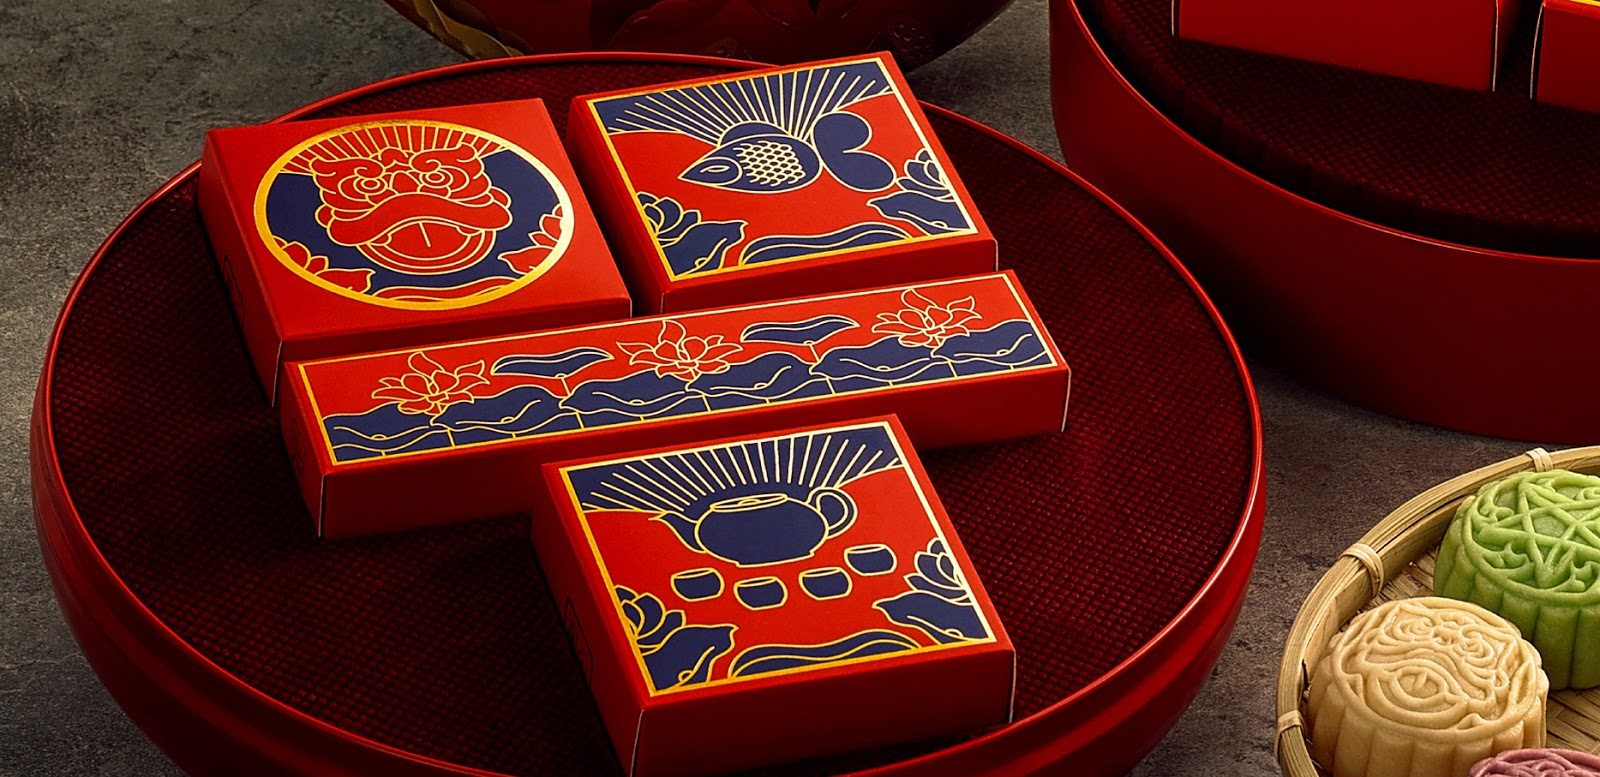 WWW_58HAI_COM_越南hai chau月饼包装设计